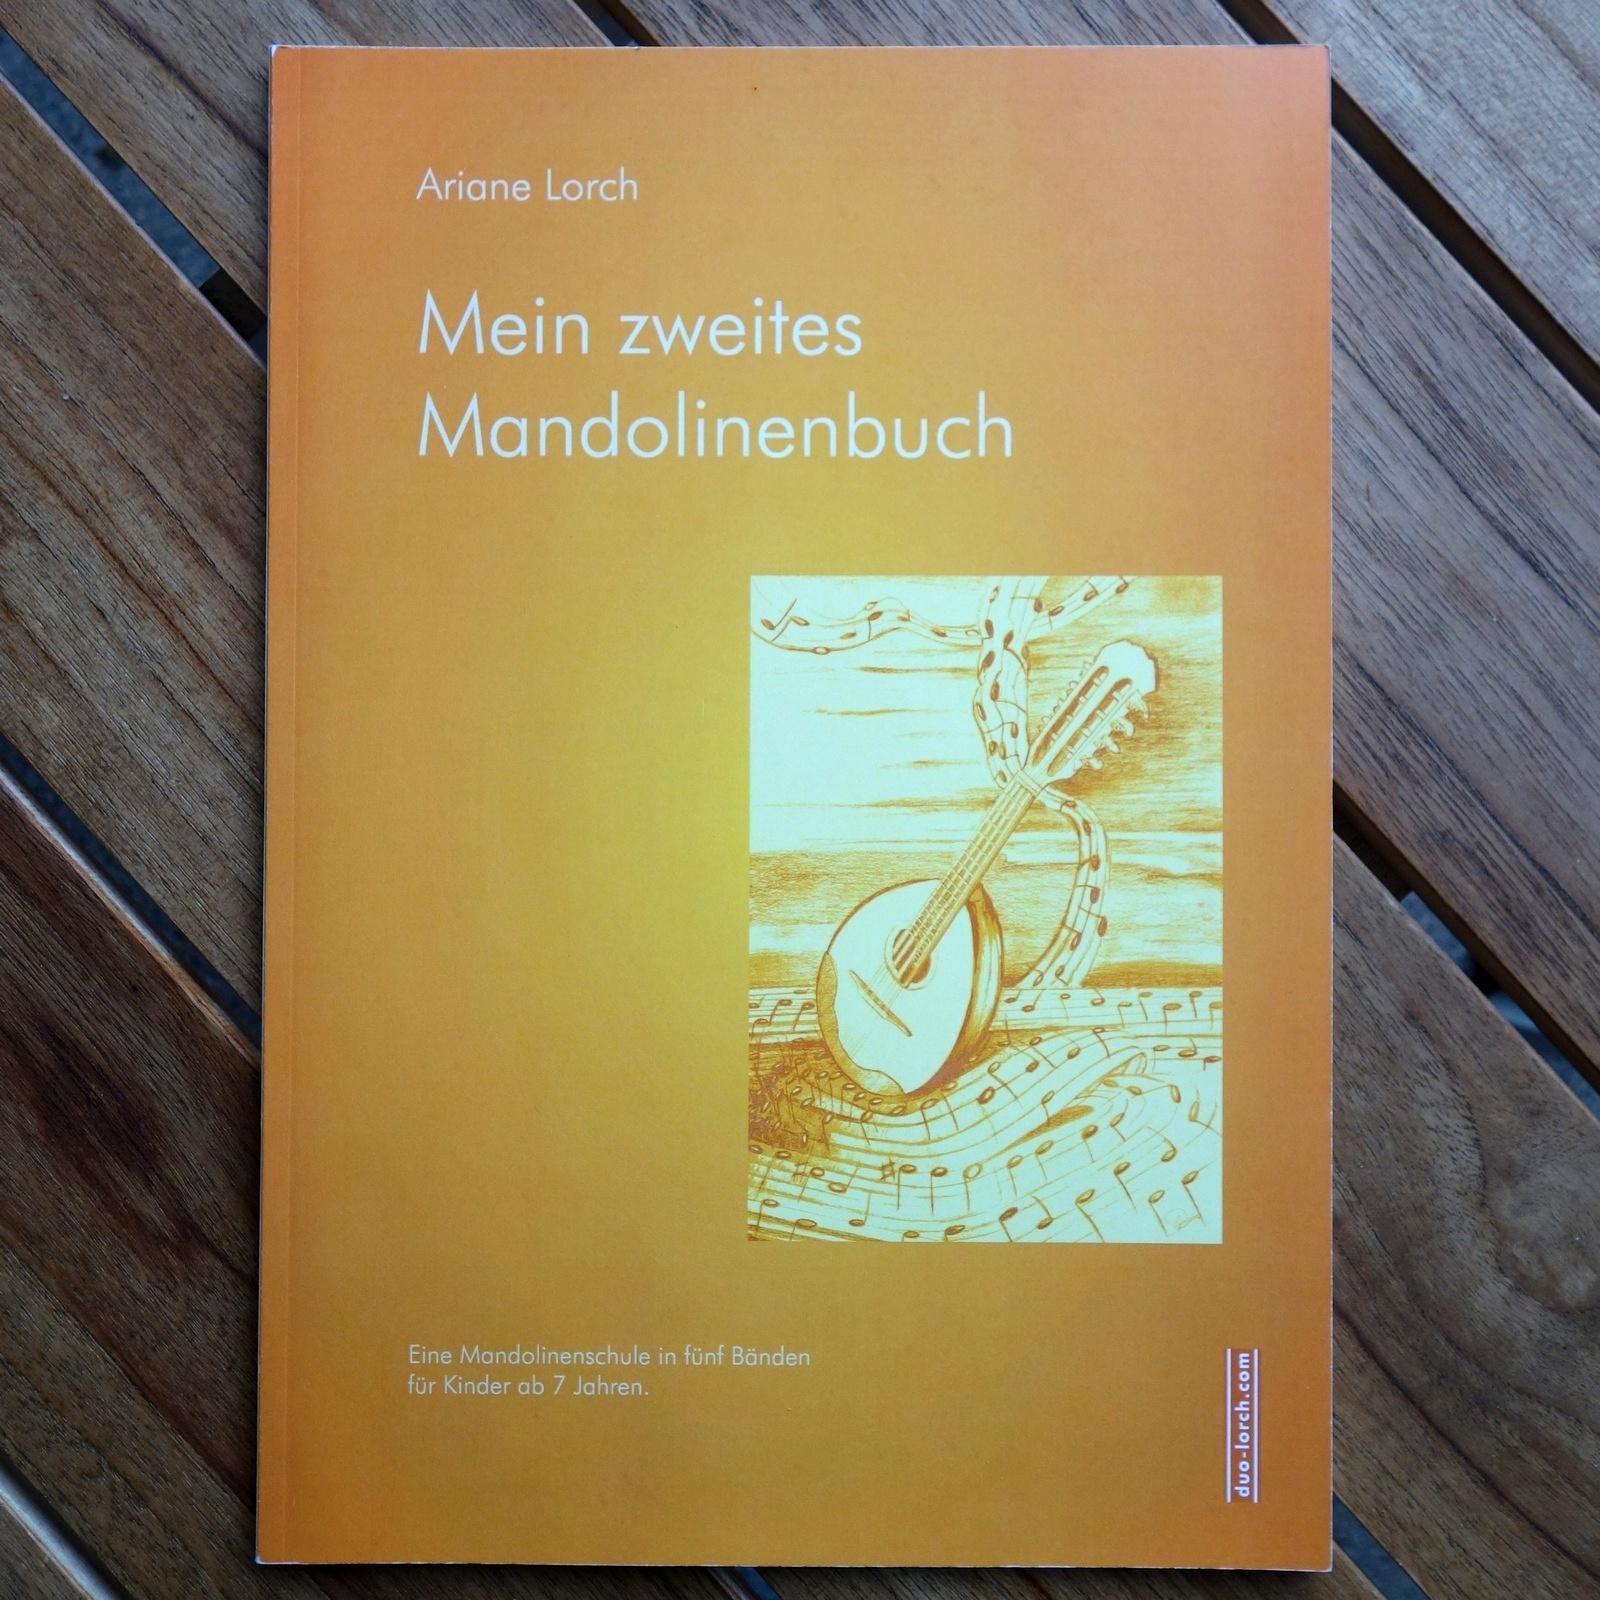 Mein zweites Mandolinenbuch